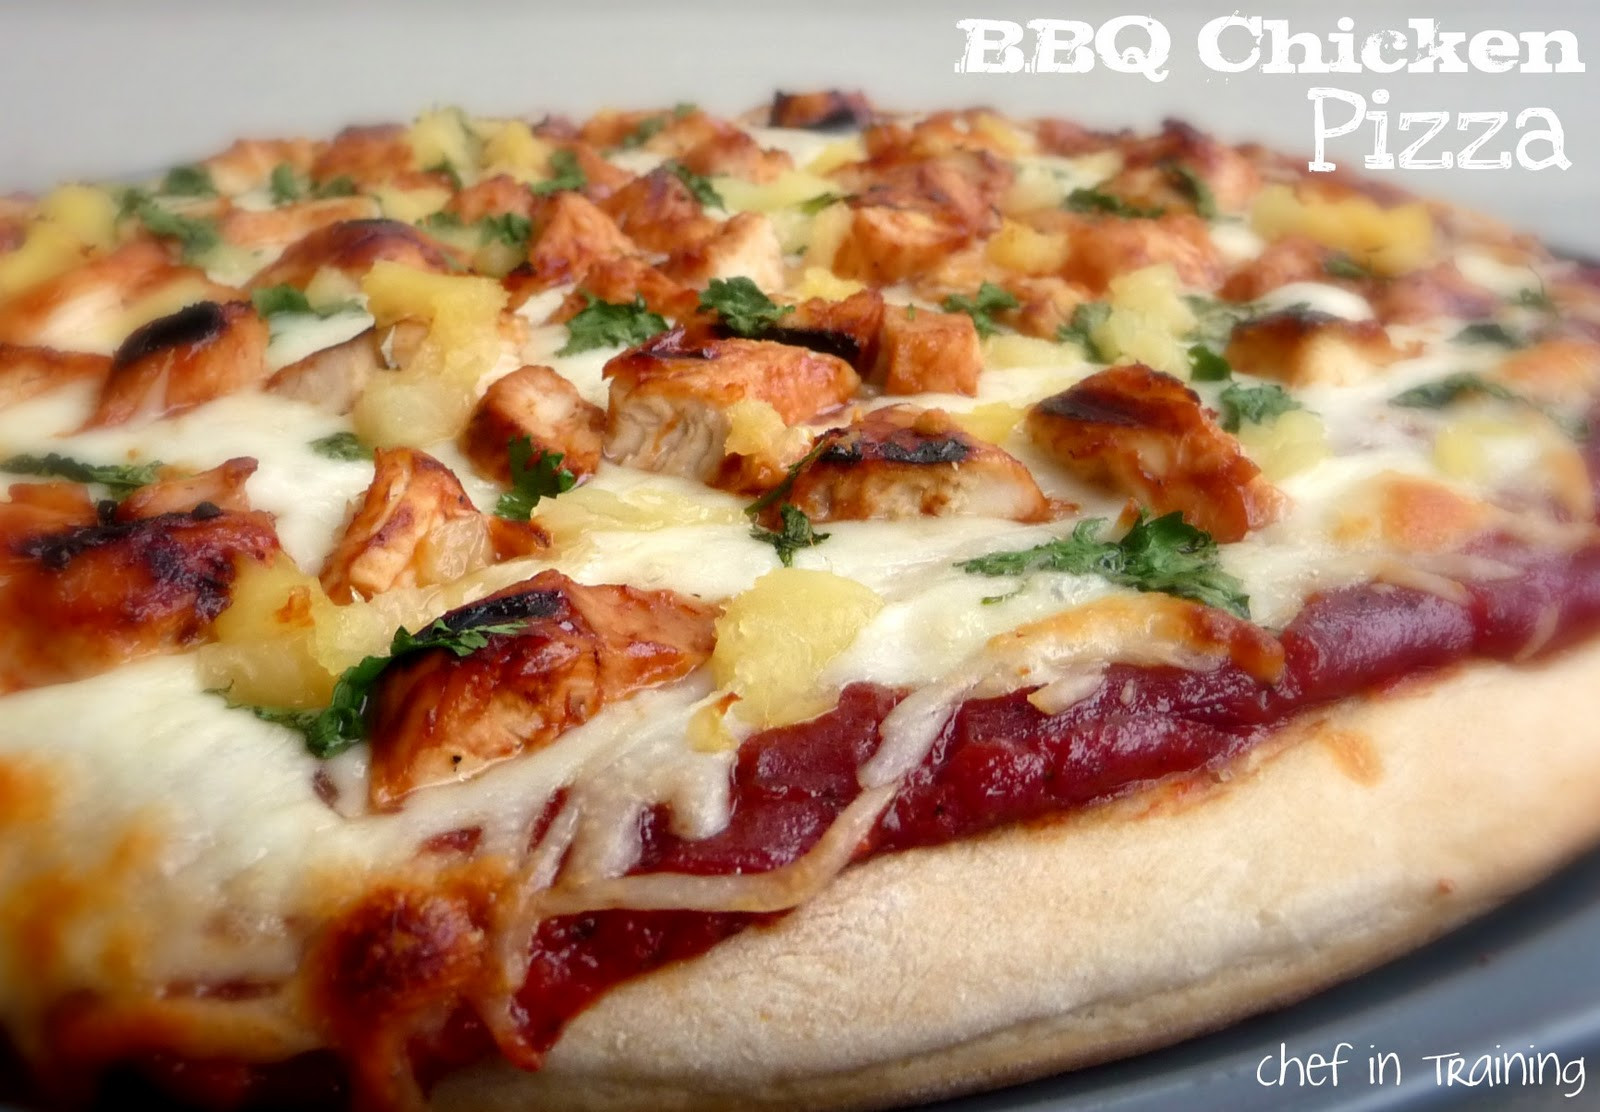 Bbq Chicken Pizza  BBQ Chicken Pizza Chef in Training